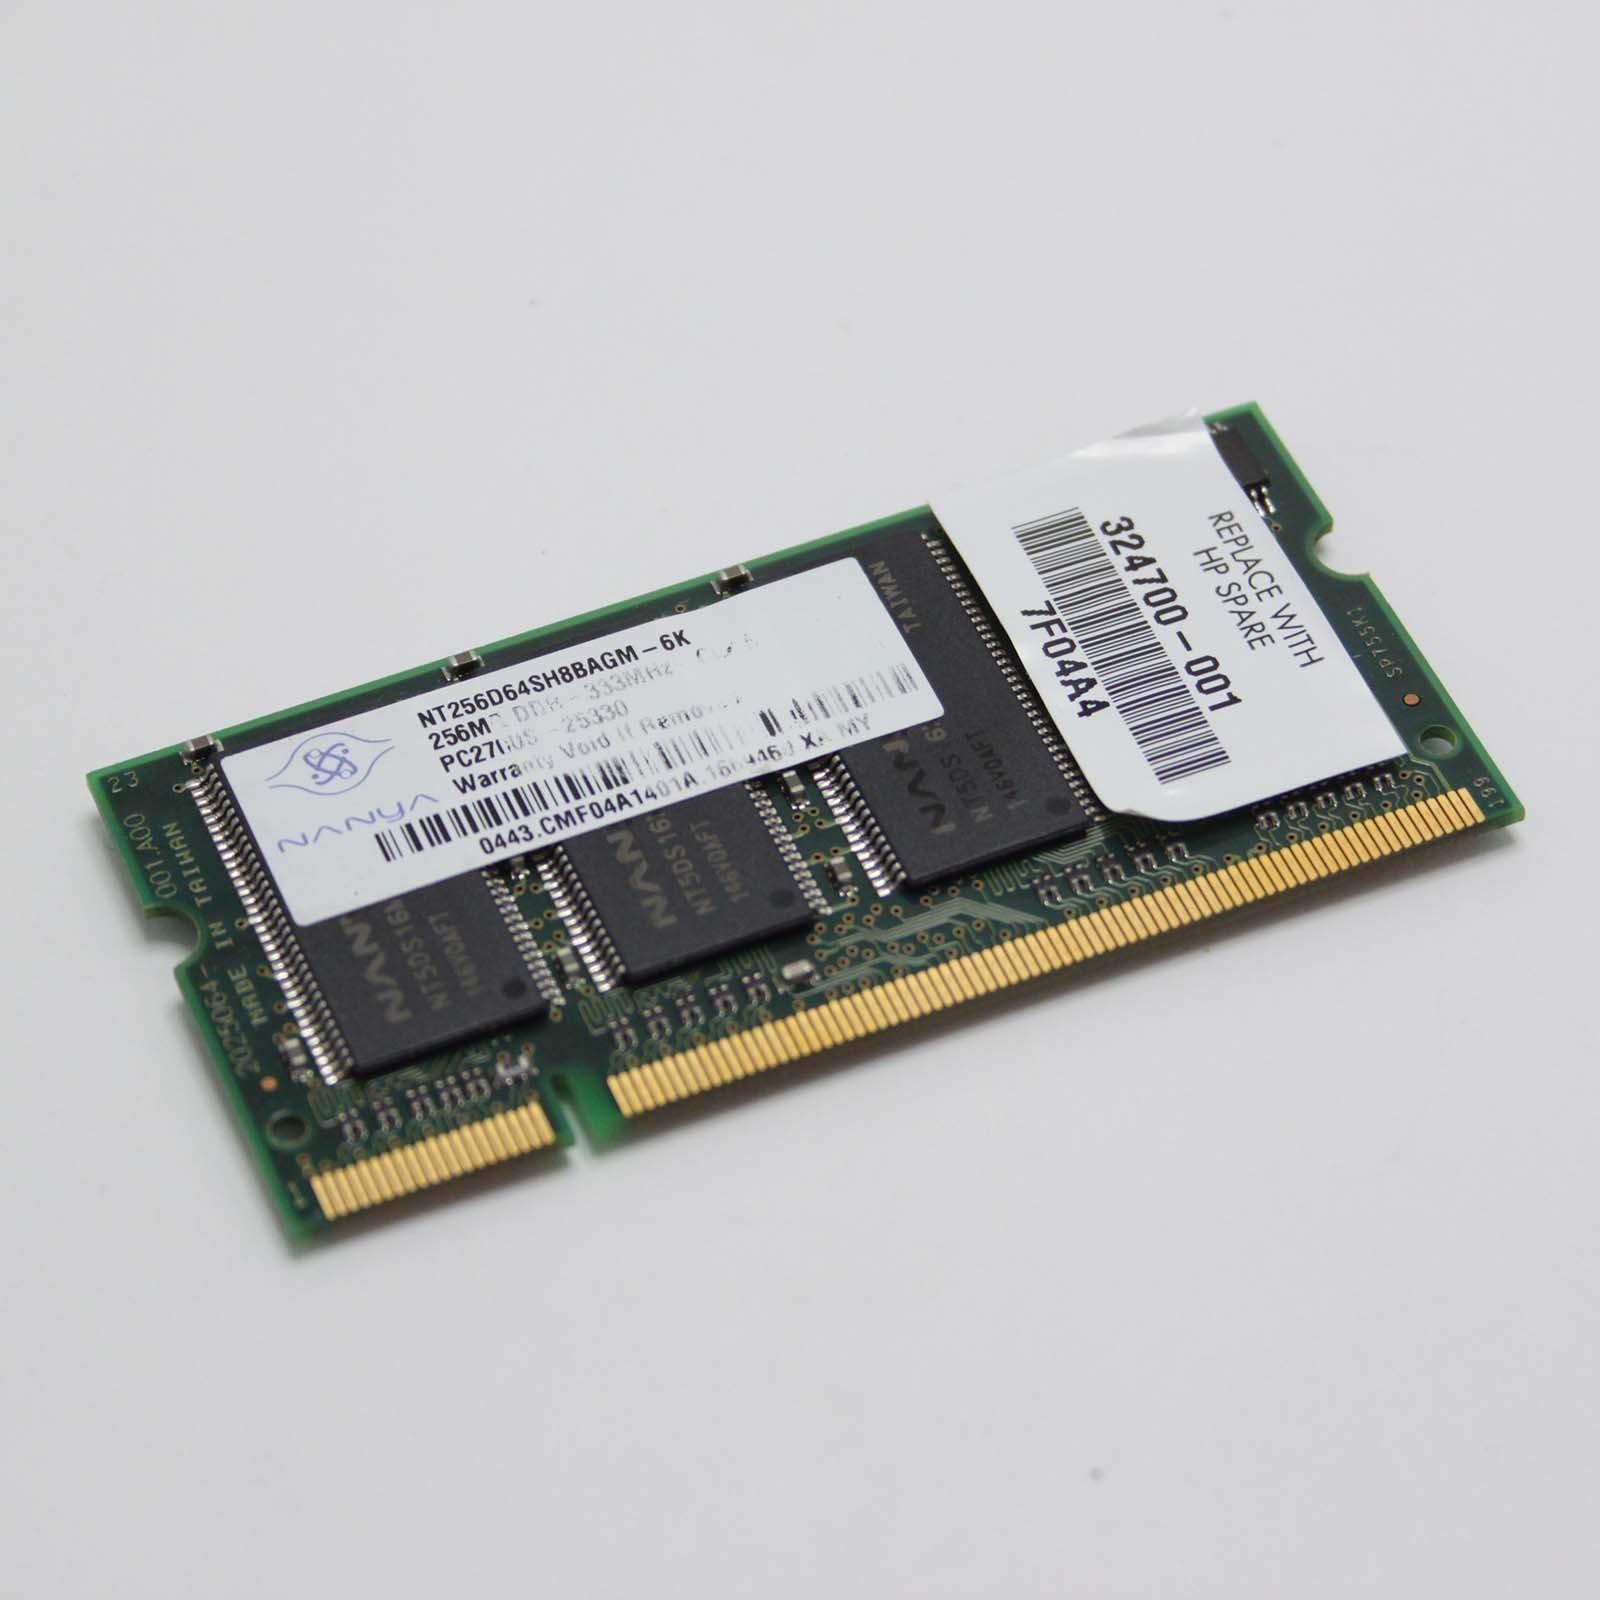 RAM HP Pavilion ZD7000 NANYA 512MB 2X256MB DDR PC2700 NT256D64SH8BAGM-6K